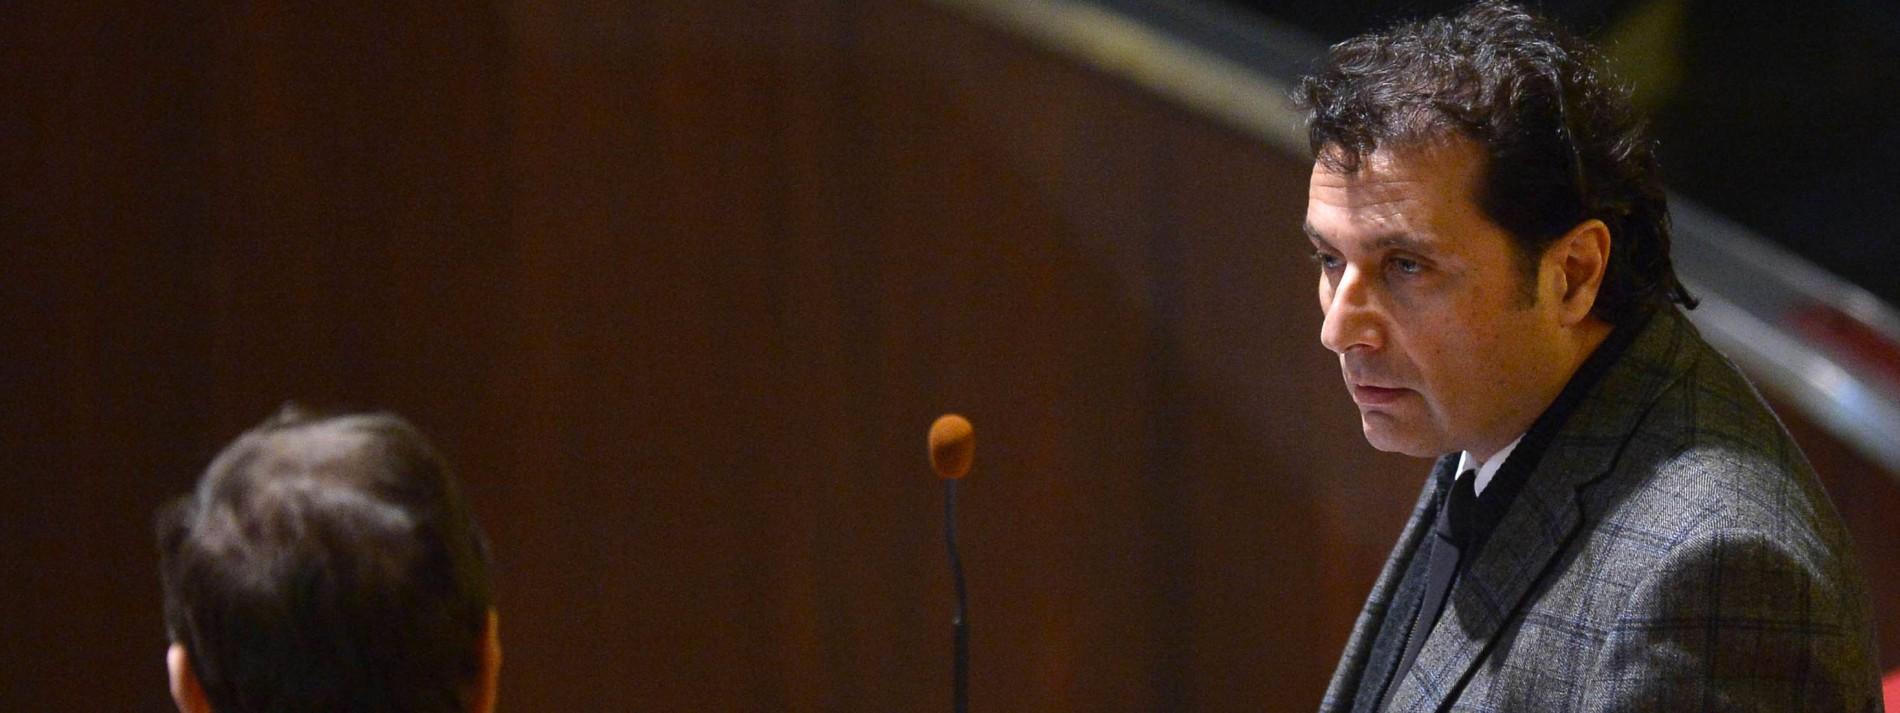 """Kapitän der """"Costa Concordia"""" muss 16 Jahre in Haft"""